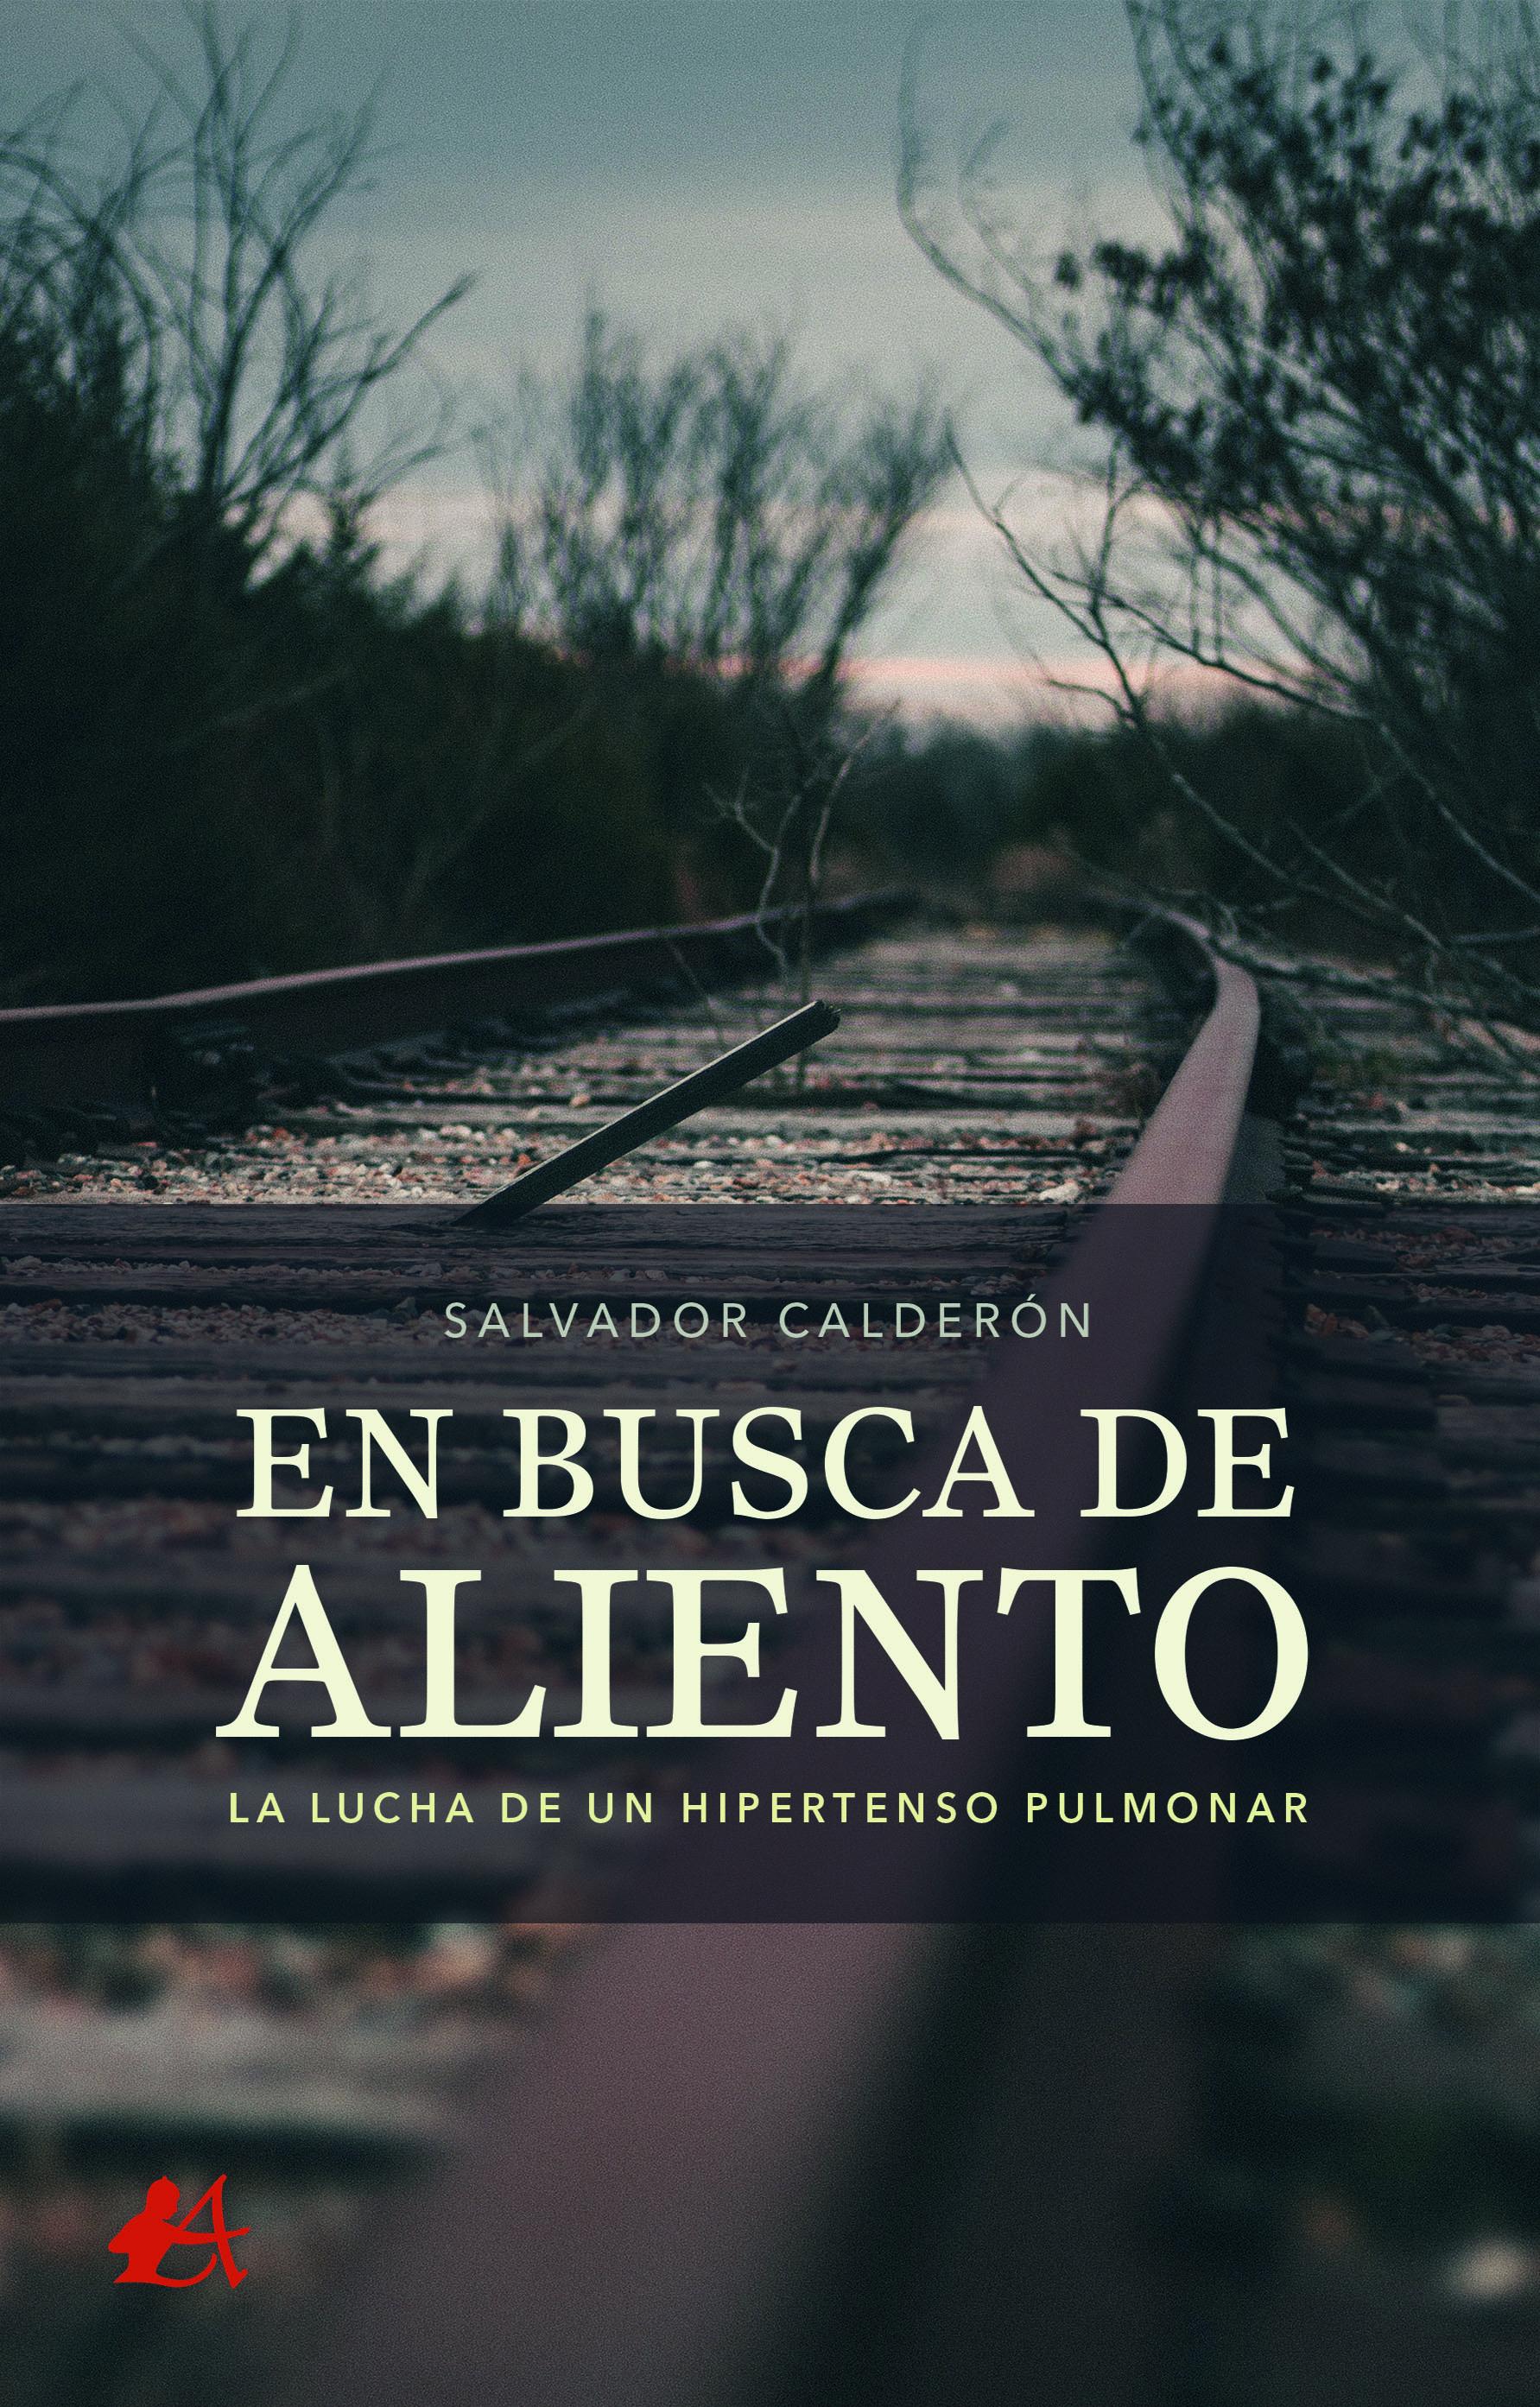 Portada del libro En busca de aliento de Salvador Calderón. Editorial Adarve, Promoción de autores